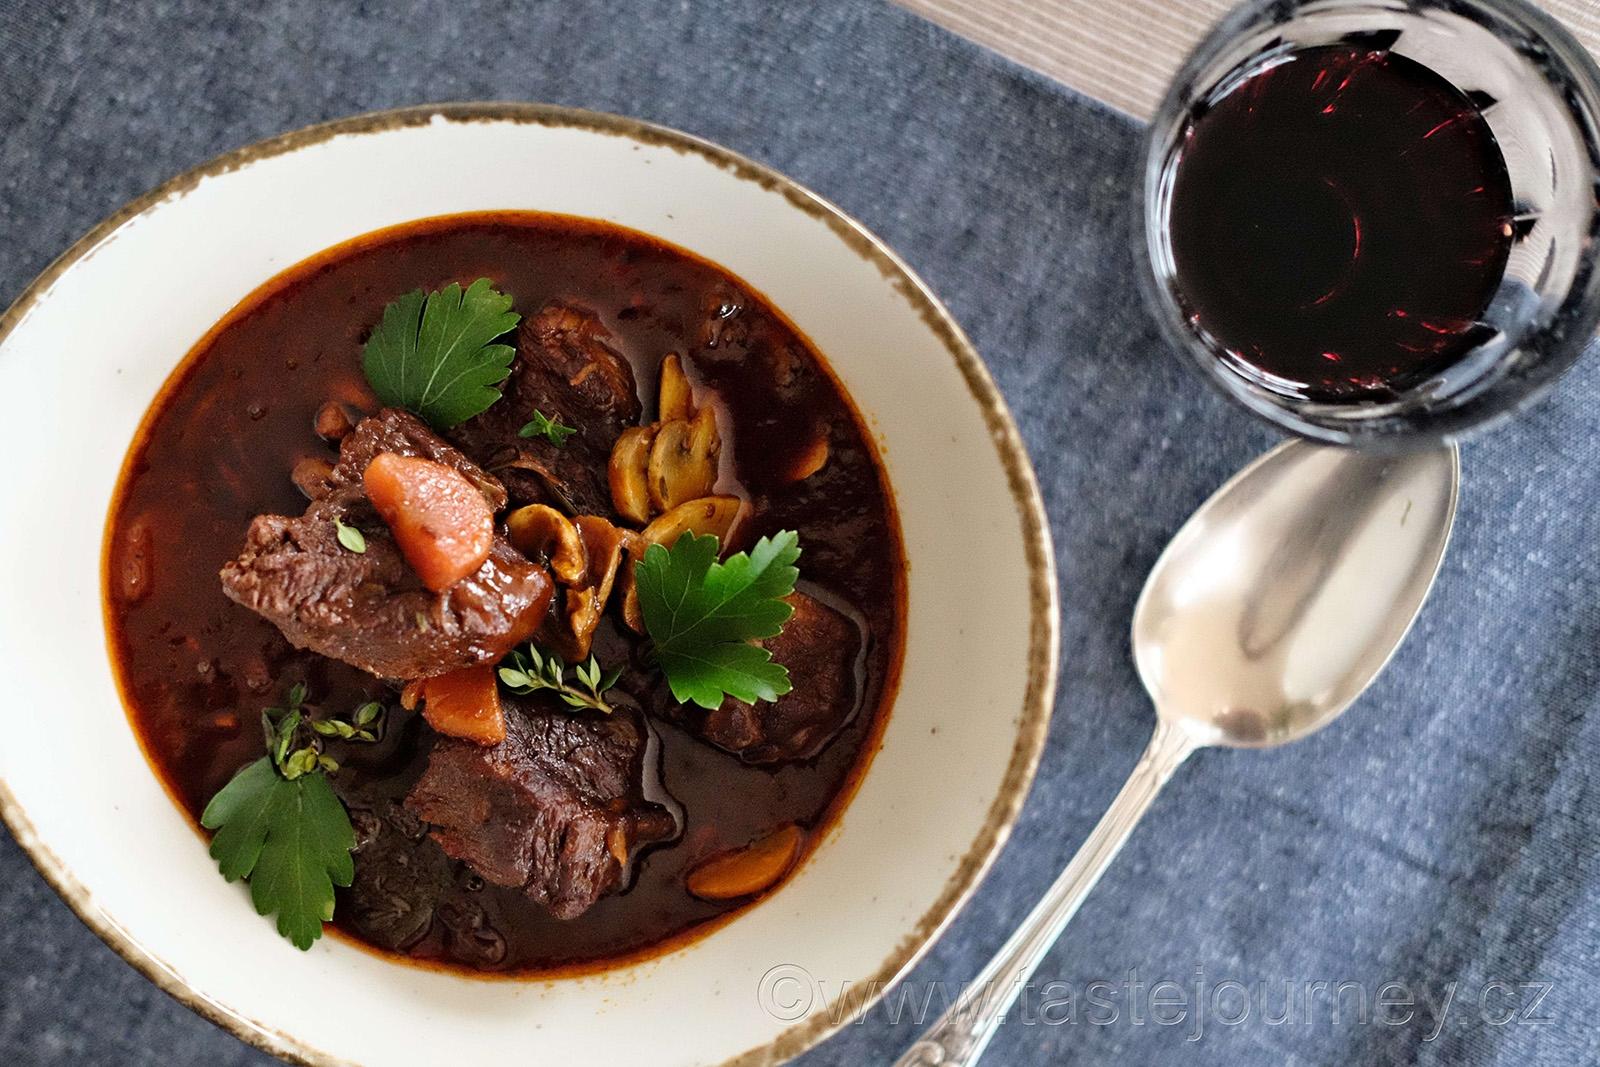 Gurmánské dědictví francouzské kuchyně - Beef bourguignon